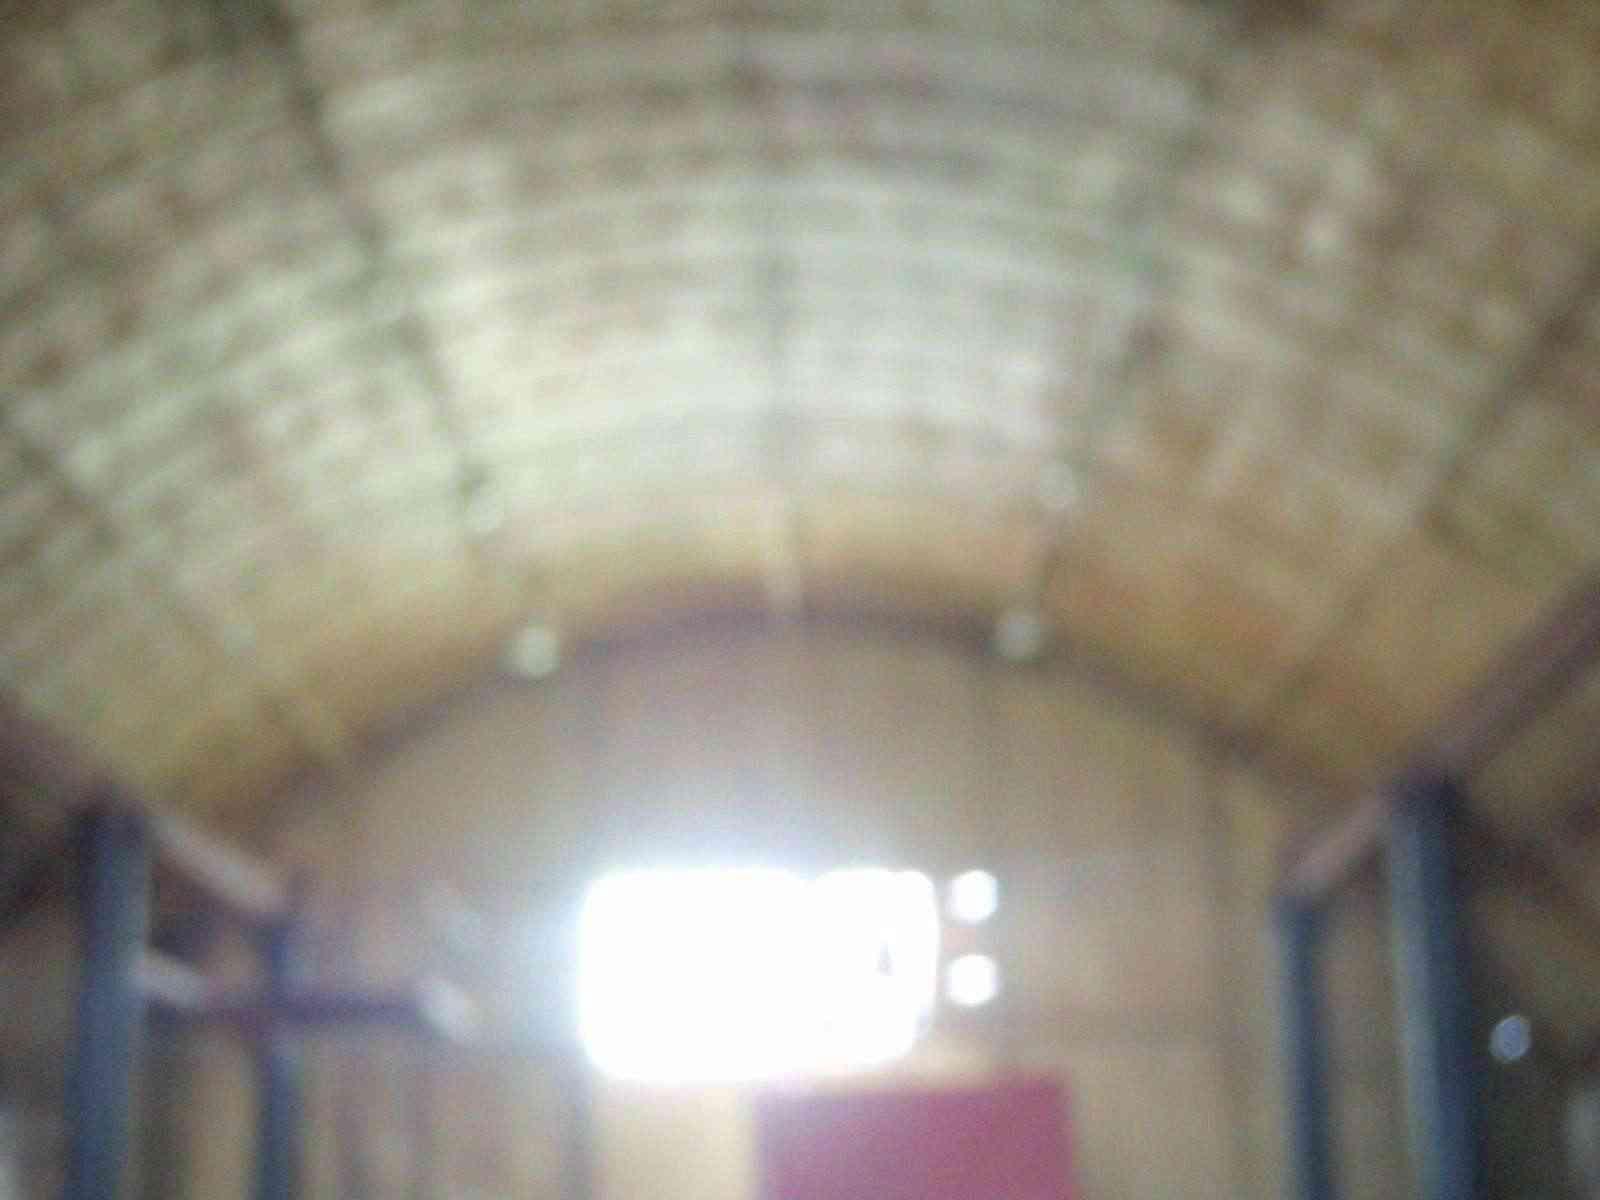 Продаю (сдаю в аренду) здание, помещение (ангар, арочник) под склад, производство.. Фото 3